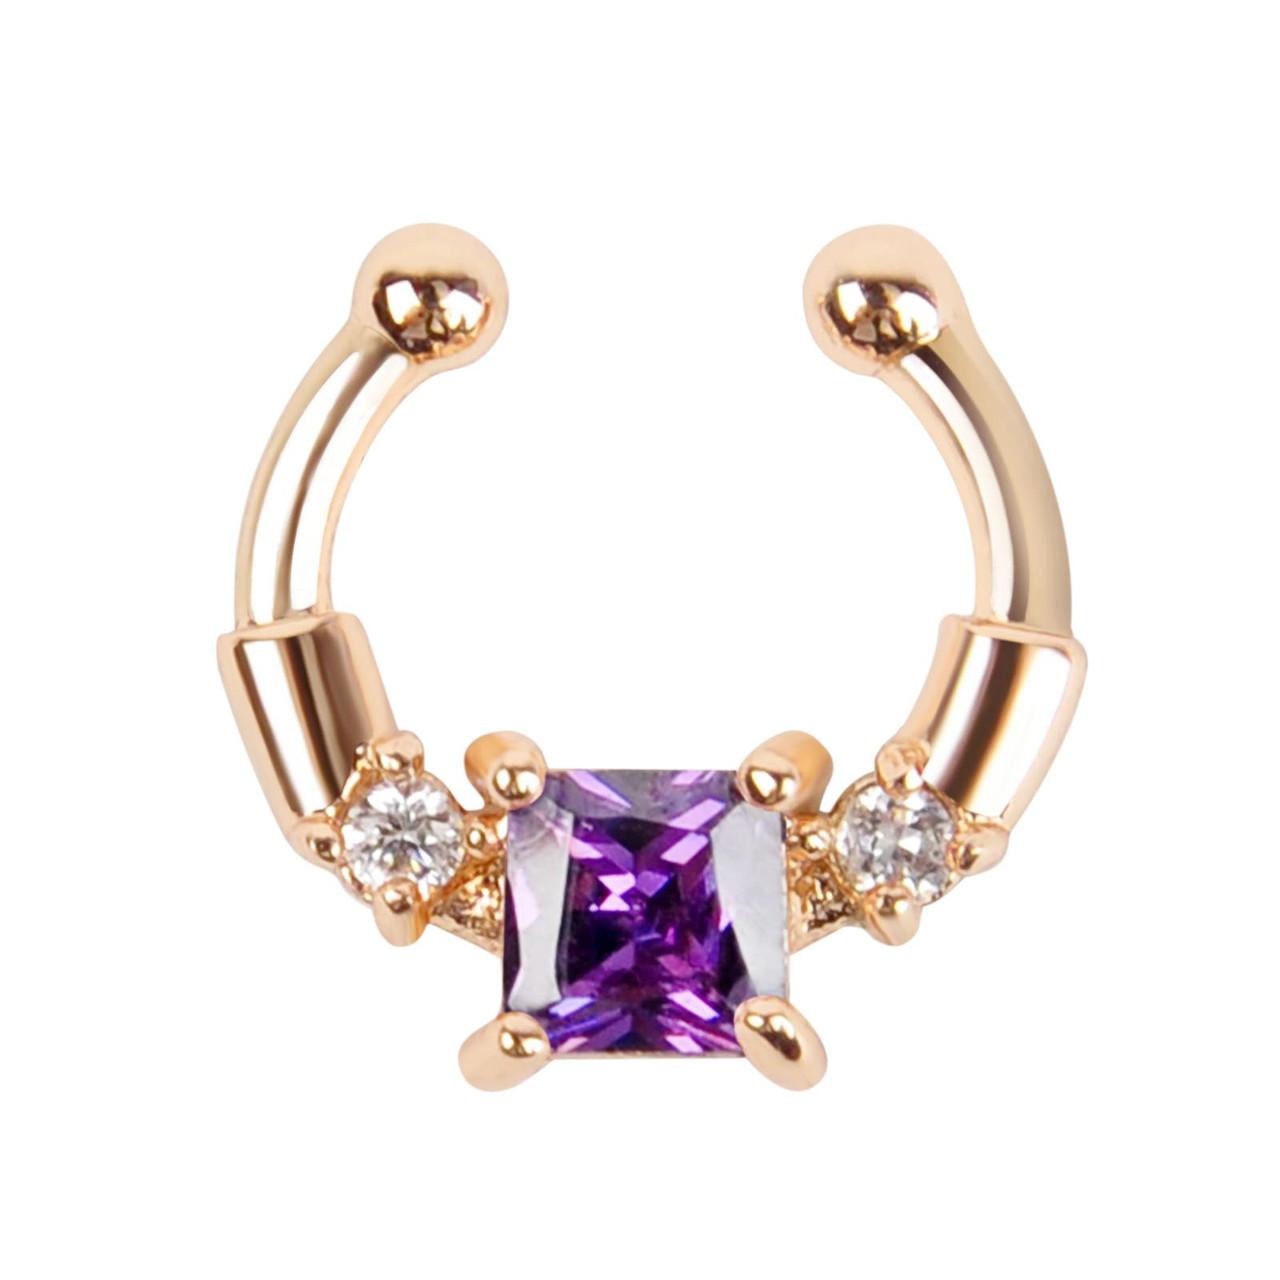 Серьга-обманка в нос Chic с фиолетовым камнем золото